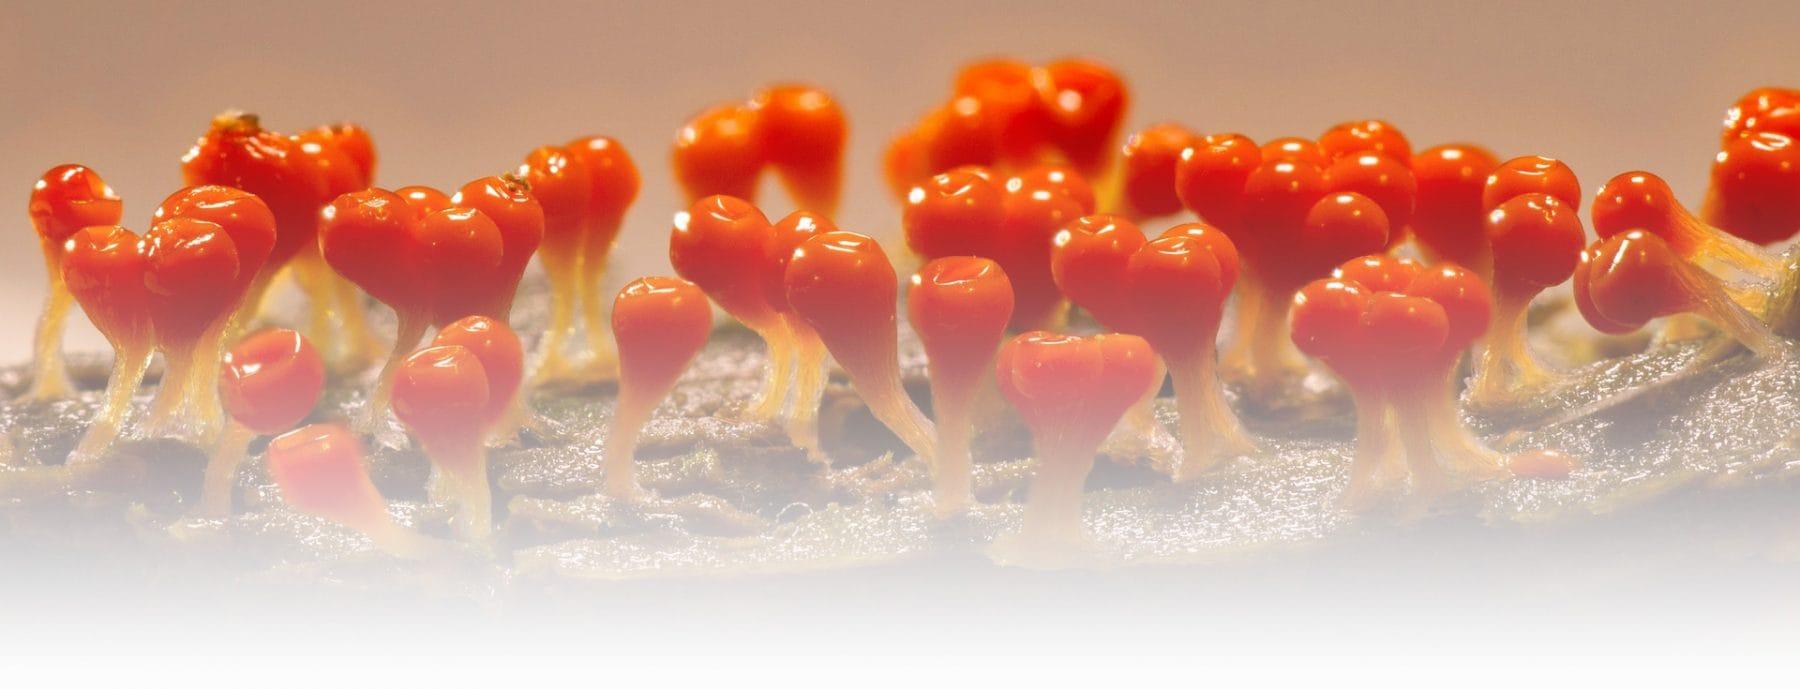 Anti-Fungal Therapy